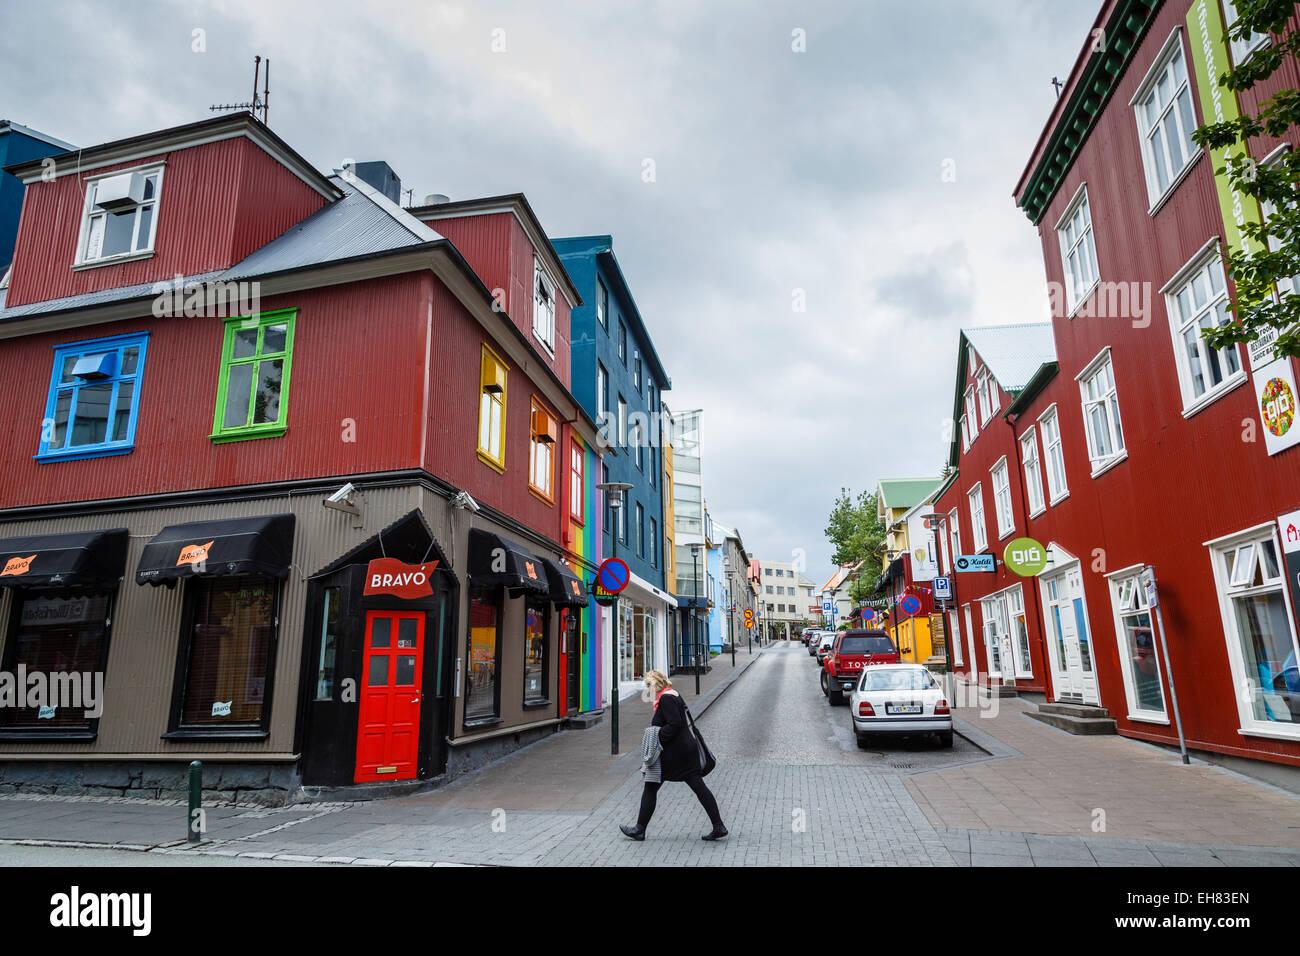 Escena callejera en Reykjavik, Islandia, las regiones polares Imagen De Stock